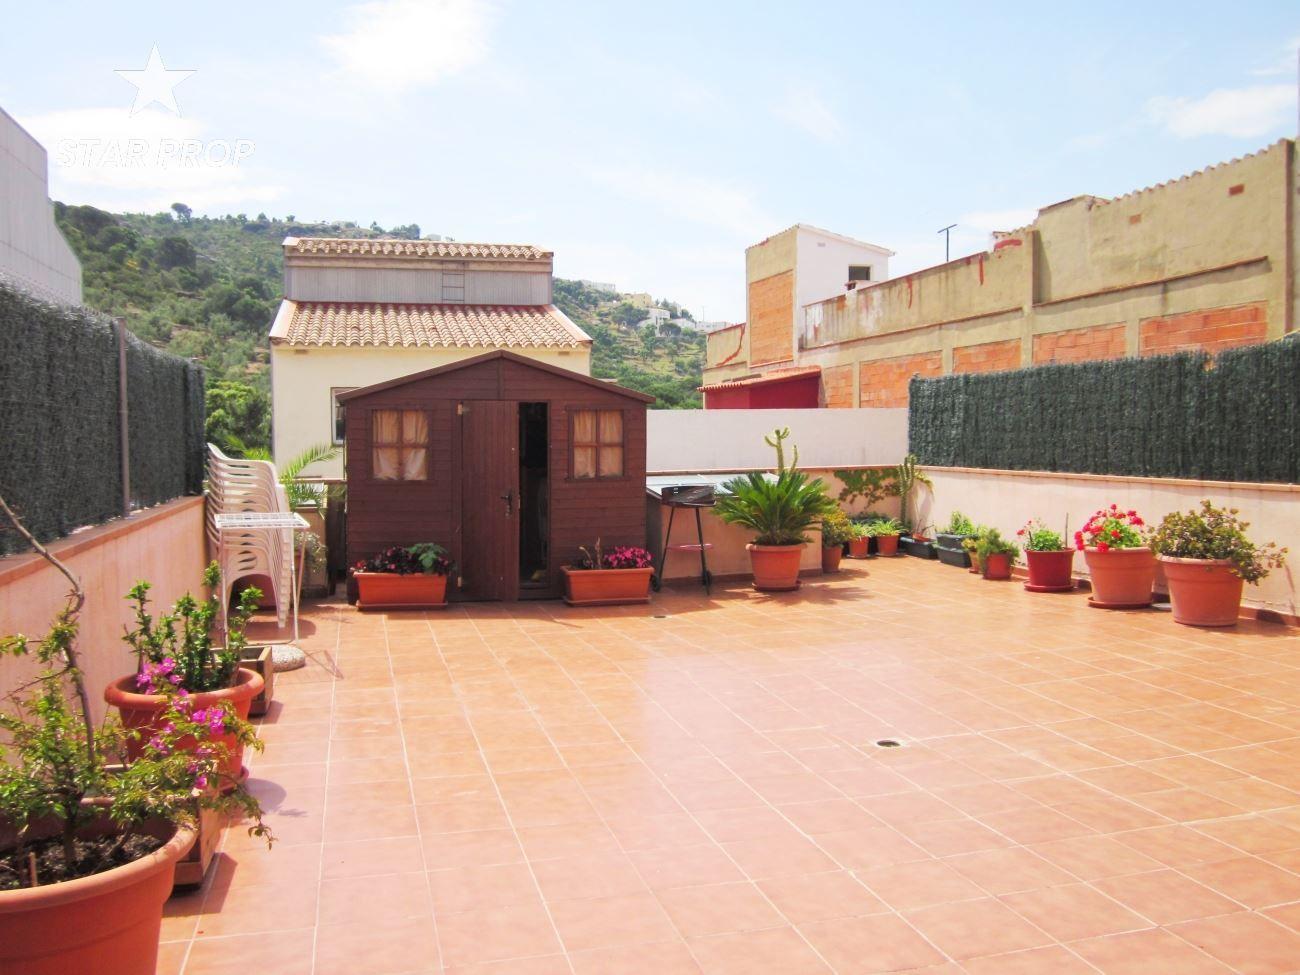 Piso en Els Grecs-Mas Oliva. Apartamento rústico  y amplio en roses.  apartamento listo para